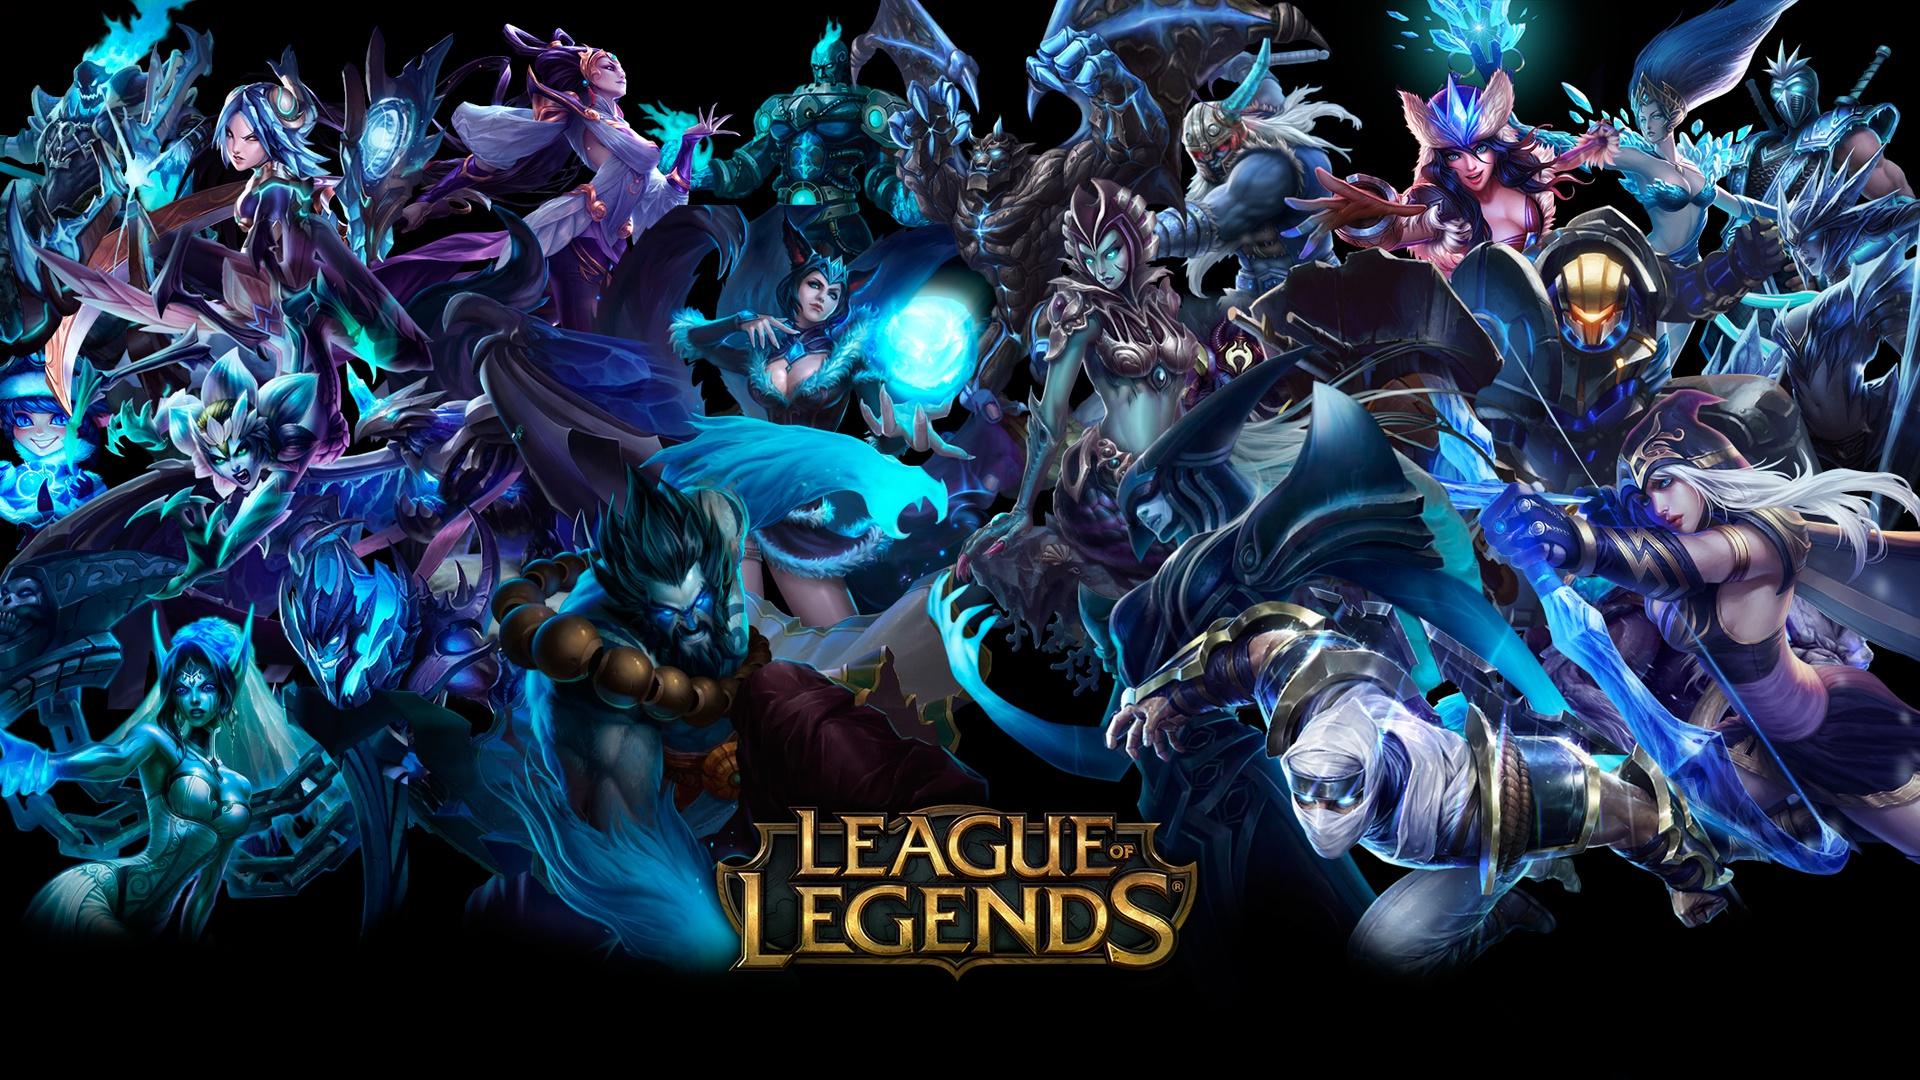 СКАЧАТЬ ИГРУ  League of Legends